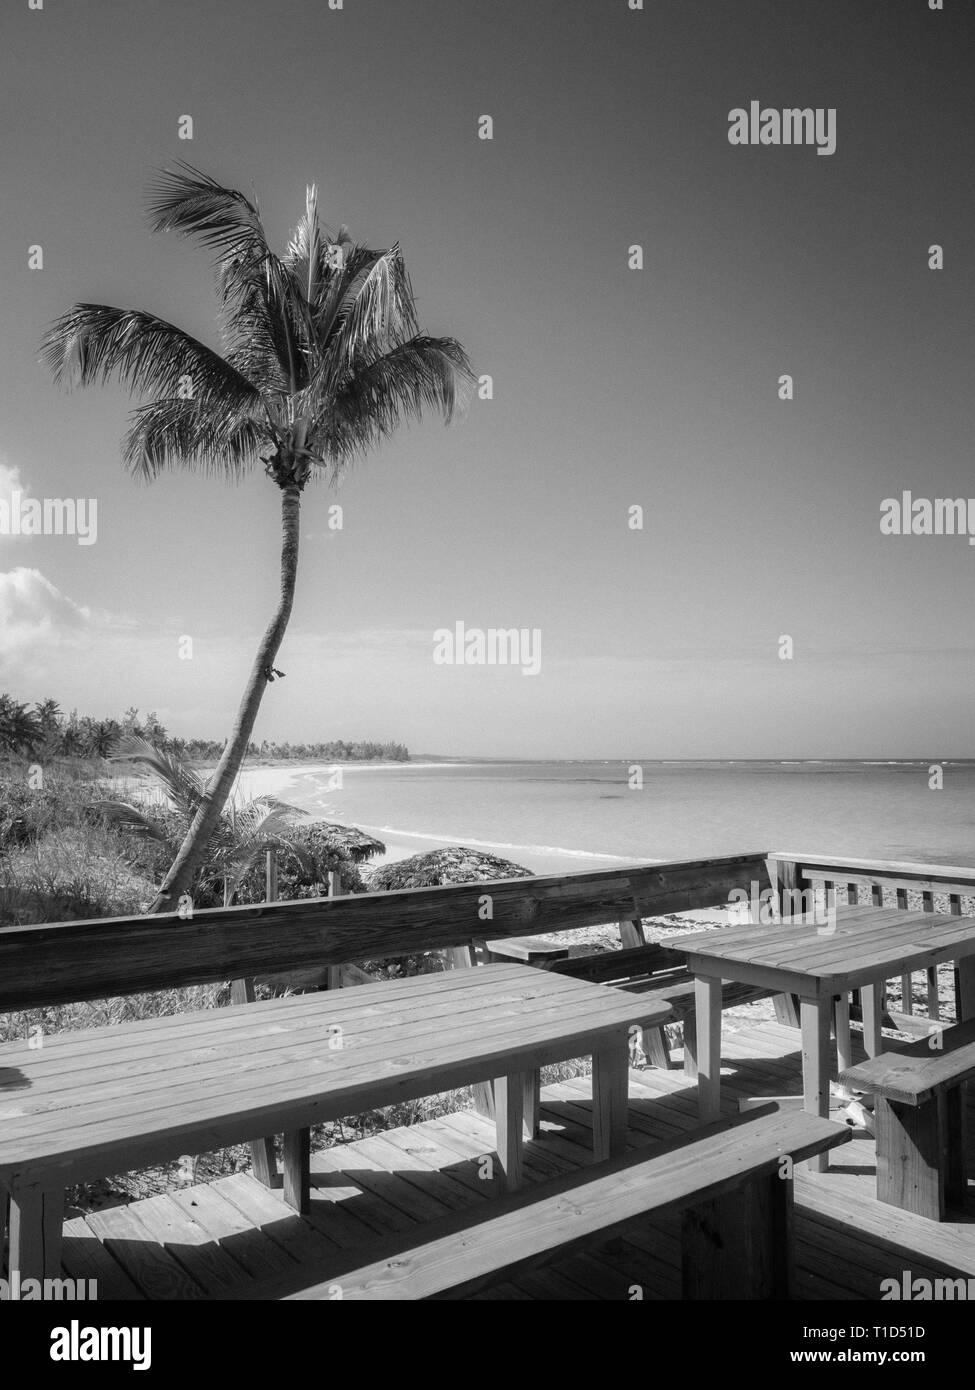 Bianco e Nero paesaggio del litorale, Tippy il Ristorante e bar sulla spiaggia, a nord di Palmetto Point, Eleuthera, Bahamas. Foto Stock